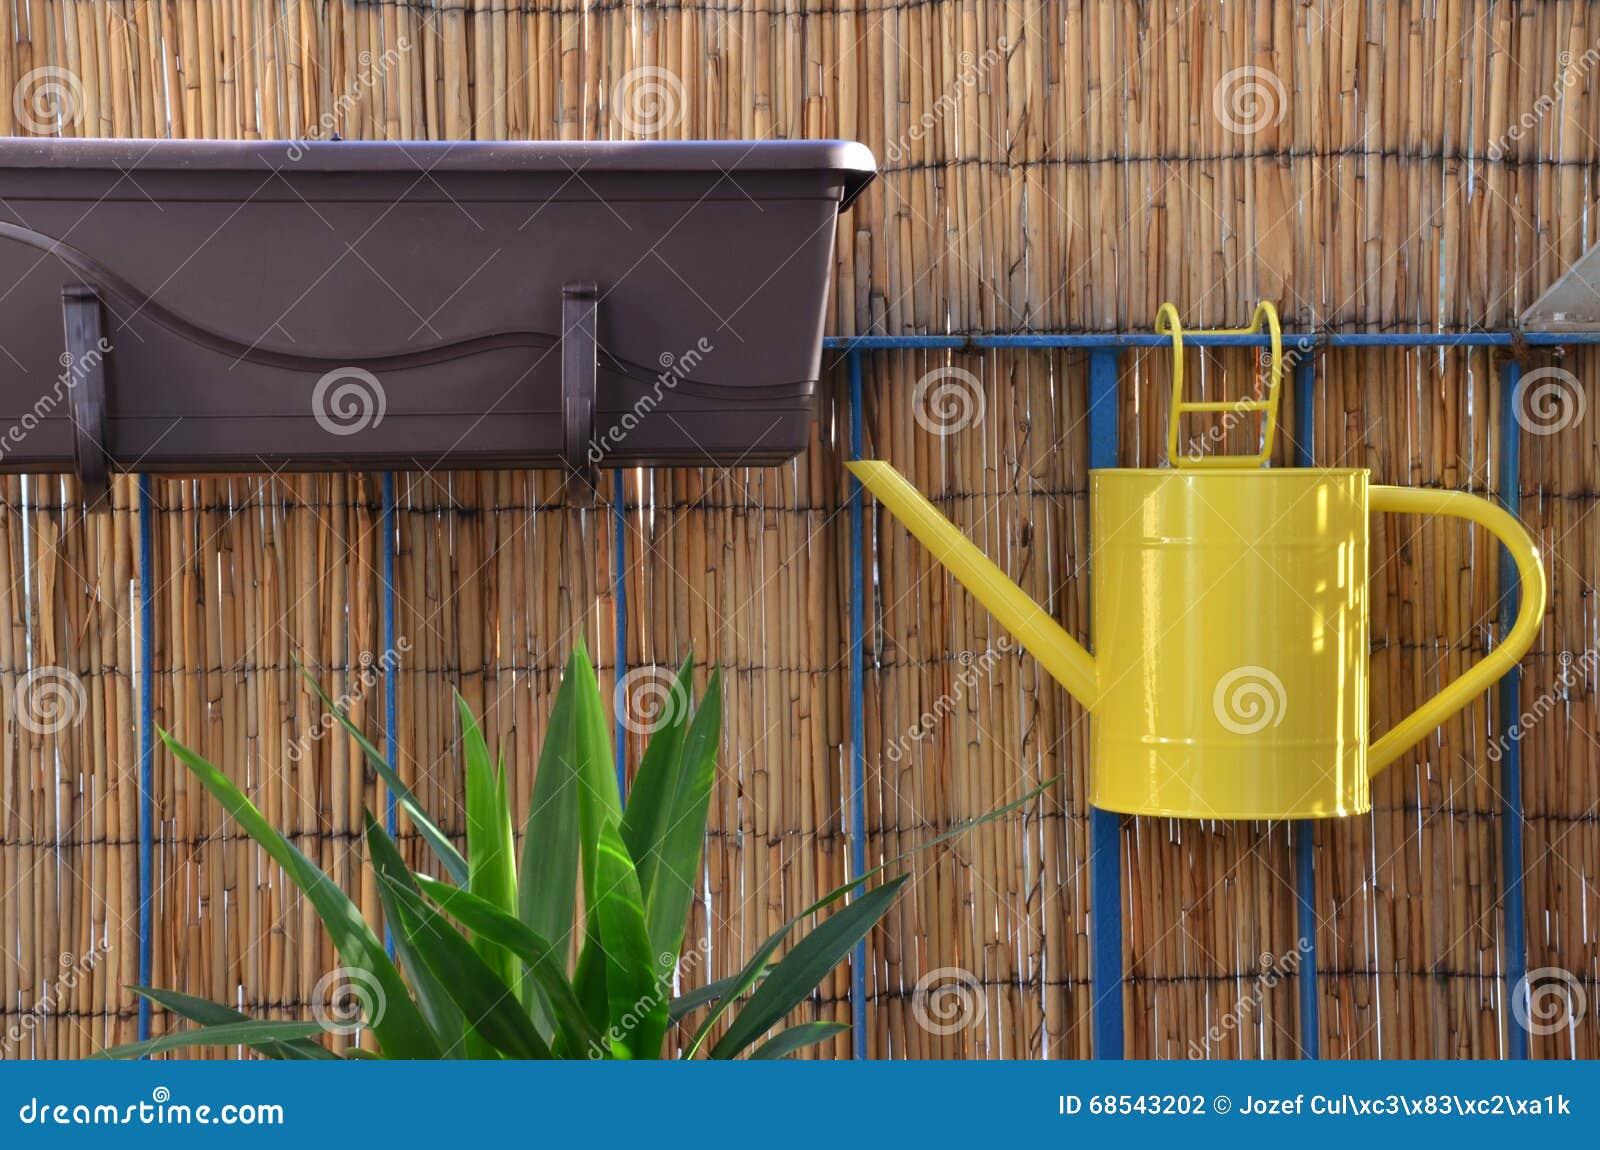 gelbes metallgießkannefall auf balkongeländer, bambuszaun im